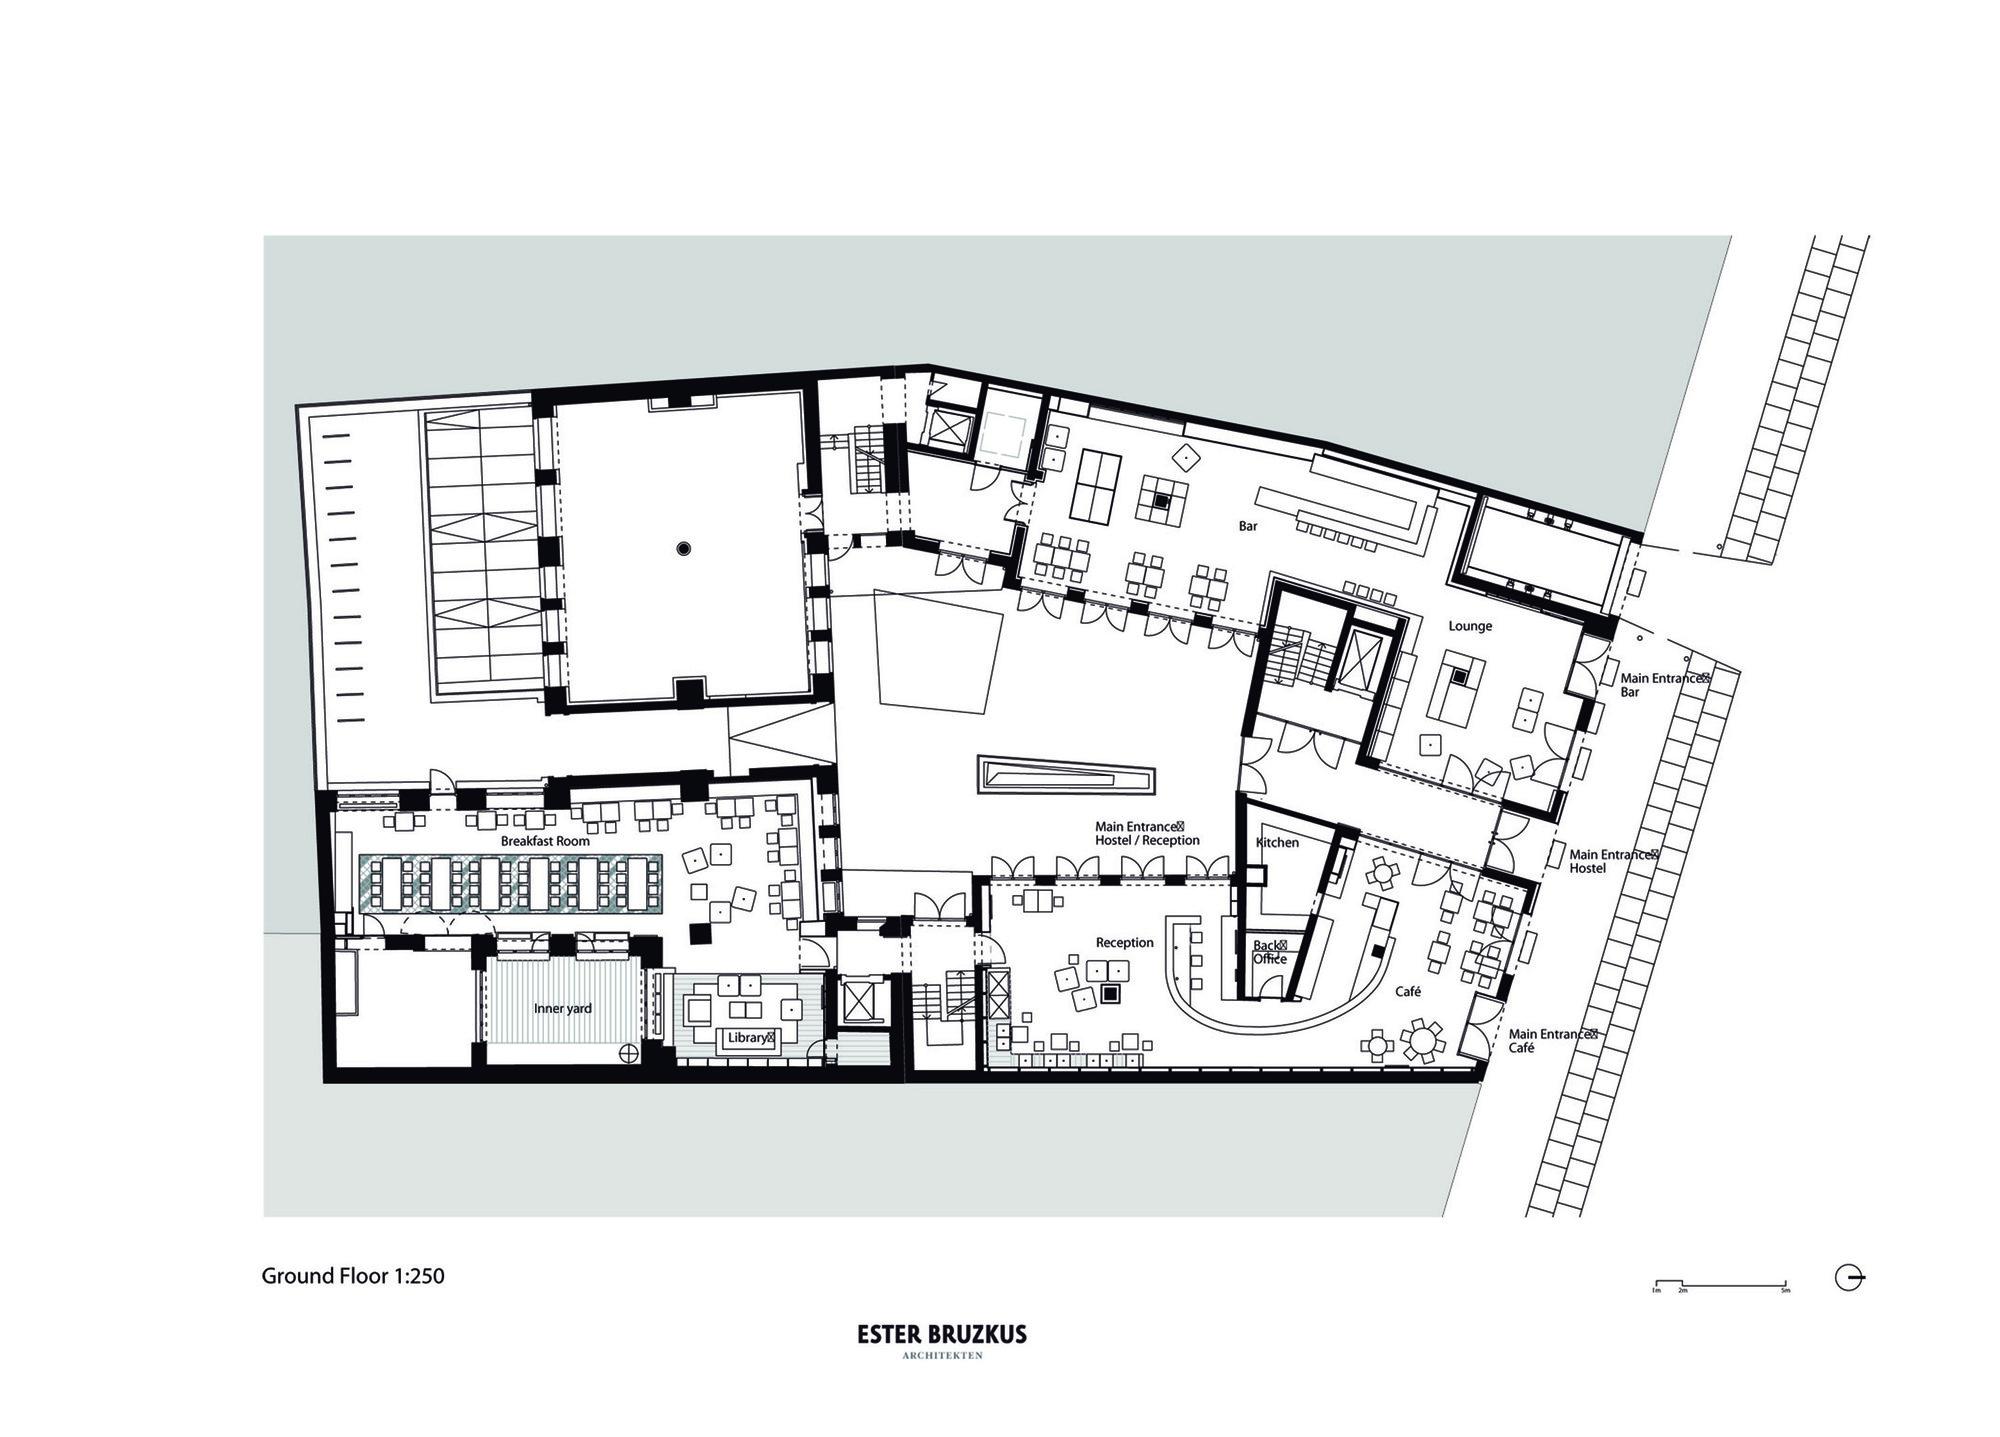 Generator berlin mitte ester bruzkus designagency for Floor plan generator